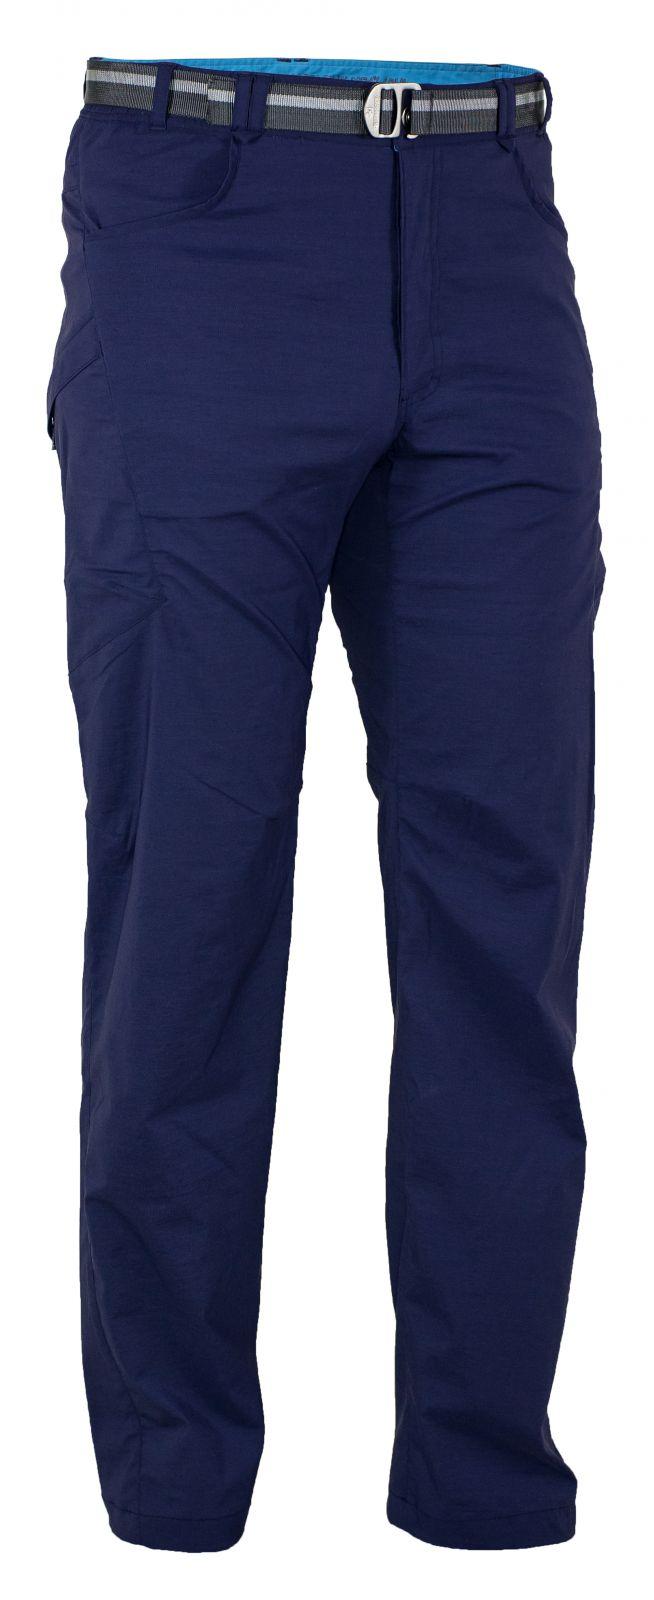 Tazz-Sport - Warmpeace Flint Navy Pánské lehké kalhoty